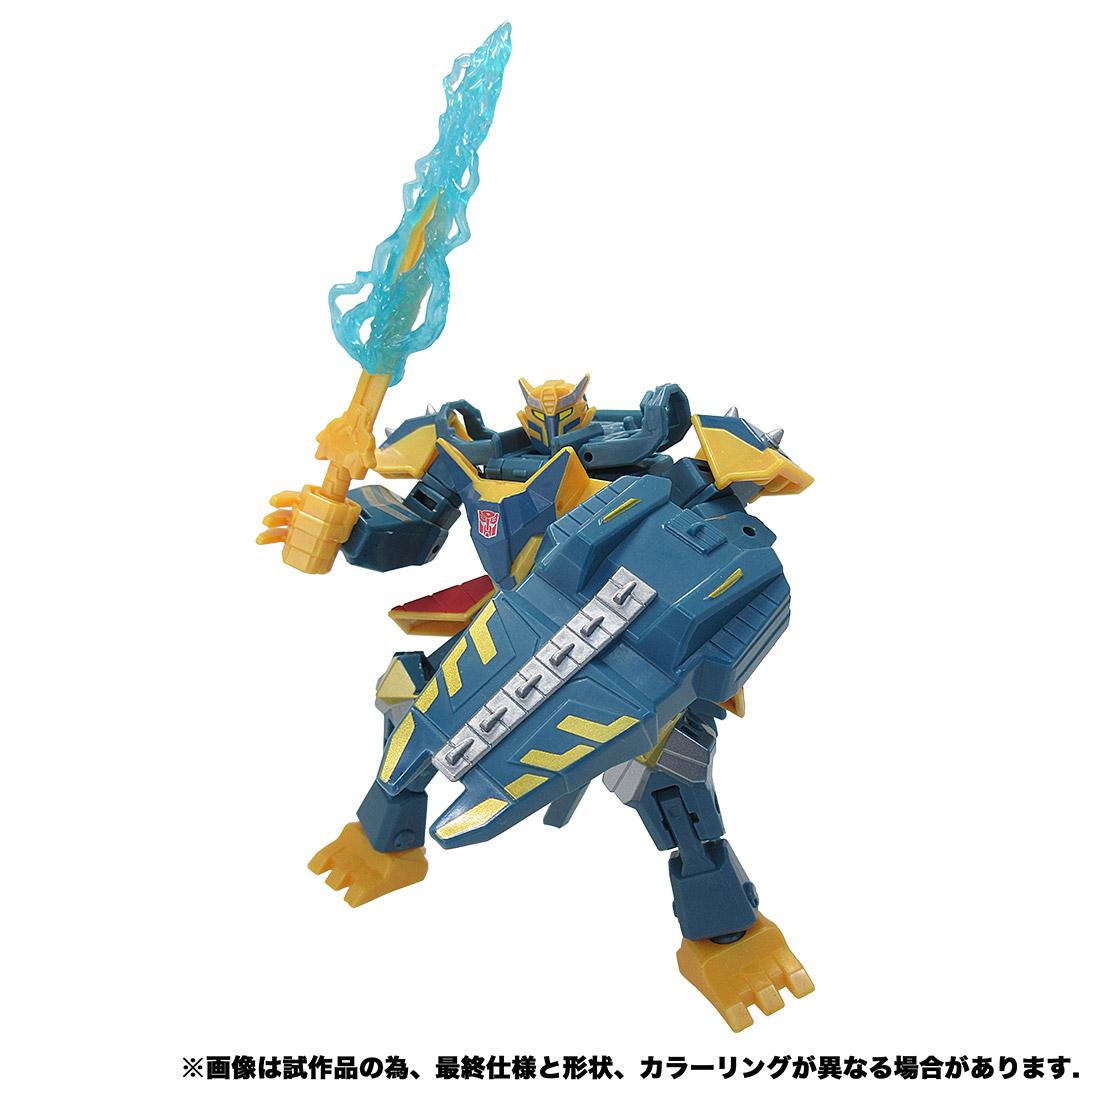 【限定販売】サイバーバース アクションマスター07『アーシー』トランスフォーマー 可変可動フィギュア-006